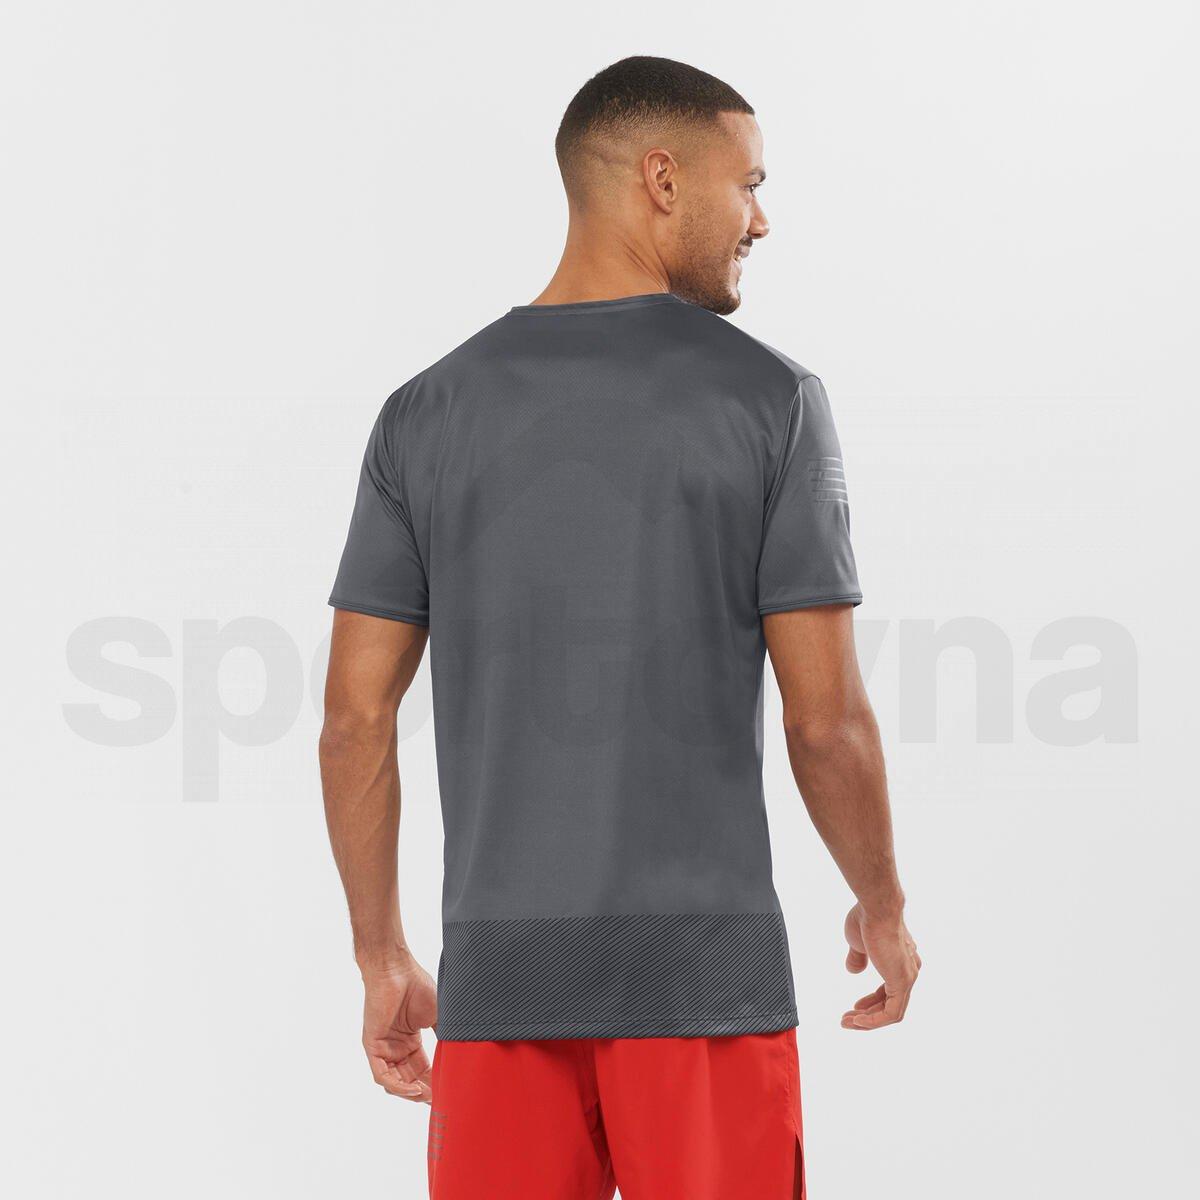 Tričko Salomon SENSE TEE M - šedá/černá